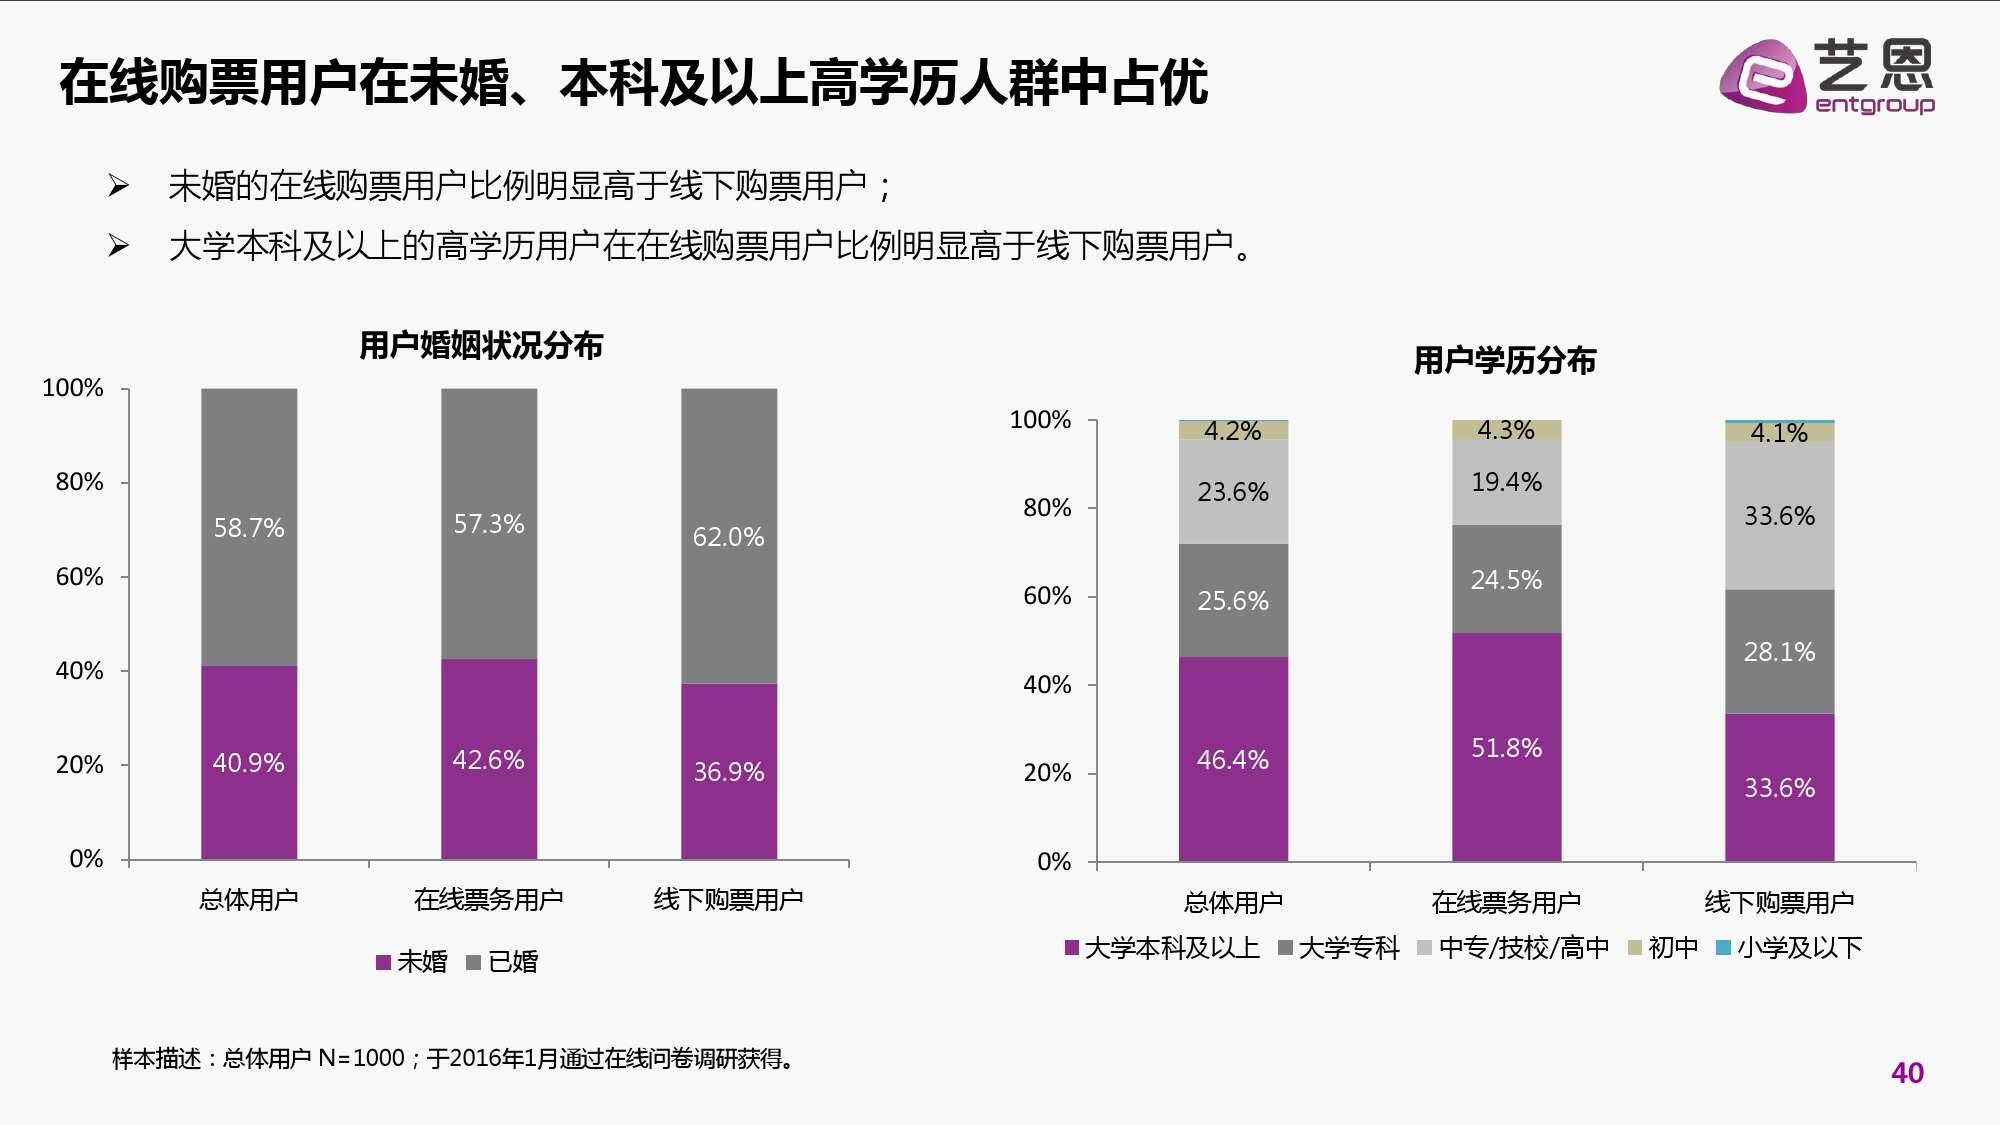 2016年中国电影在线票务市场研究报告_000040